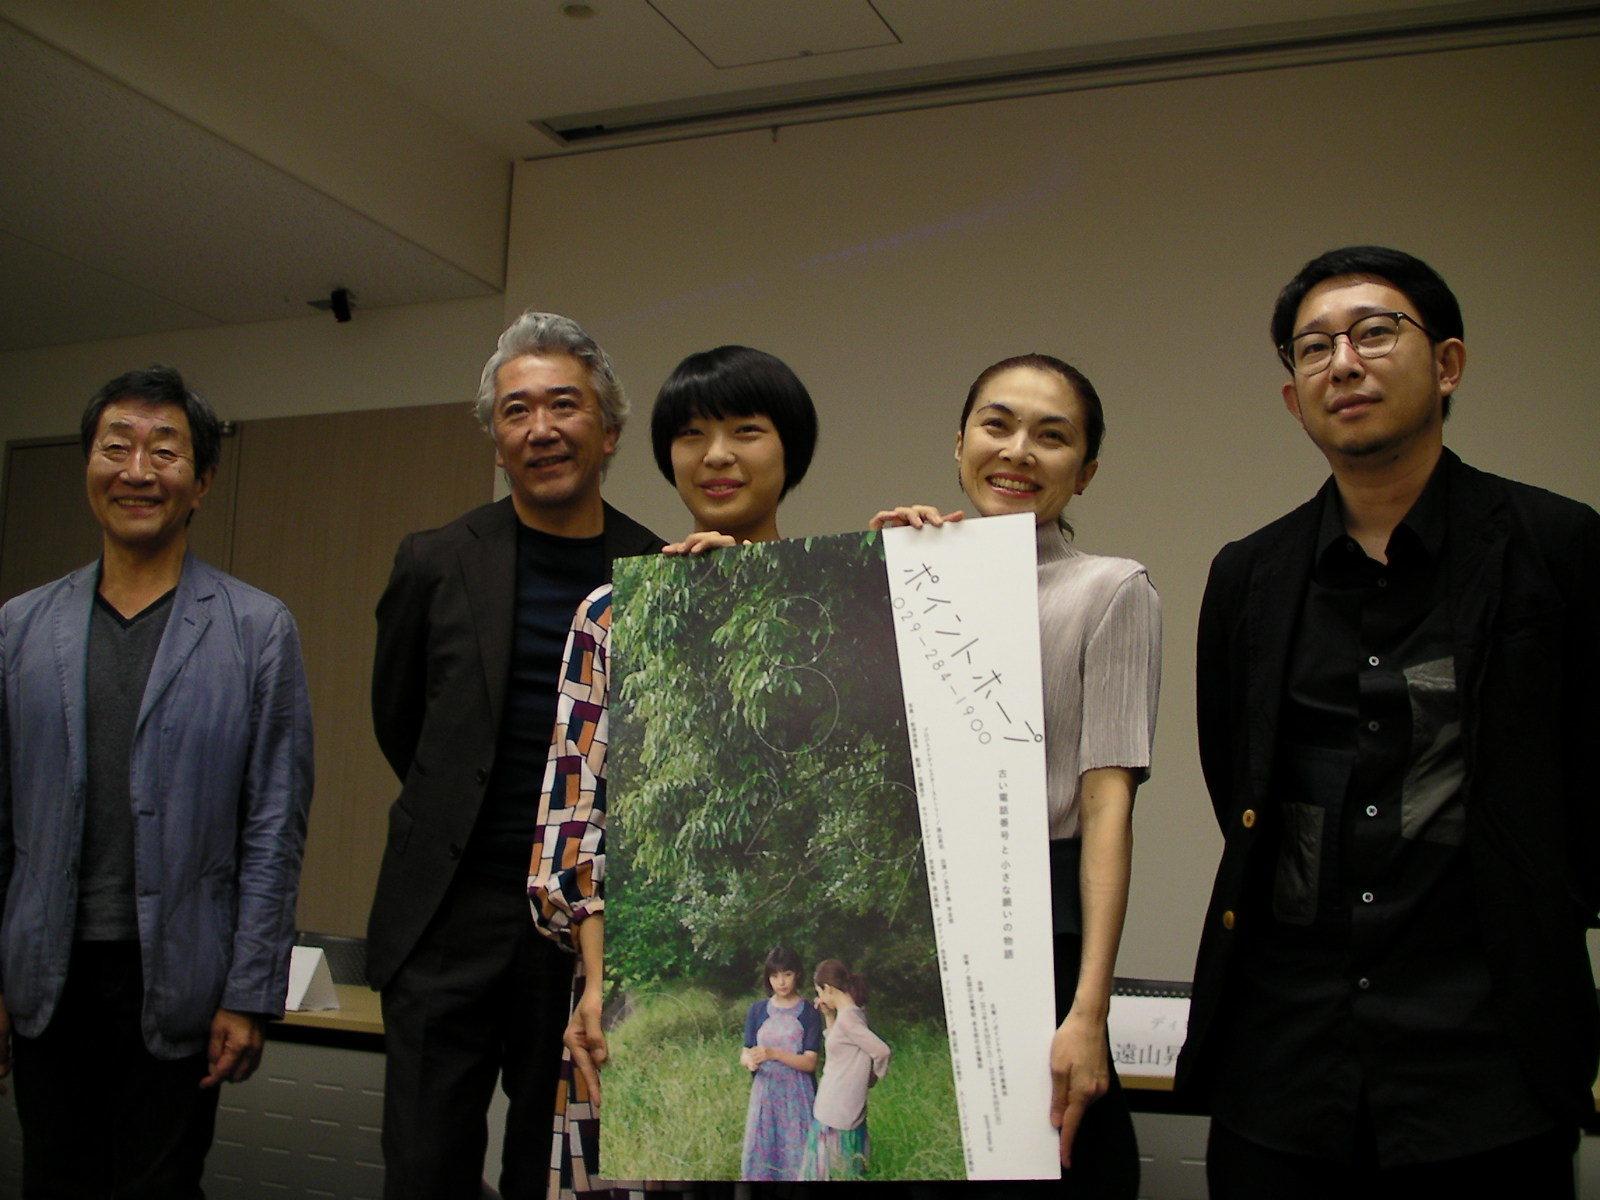 記者会見で笑顔をみせたプロジェクトメンバー。(右から)遠山昇司、玉井夕海、芋生悠、磯崎寛也、芹沢高志